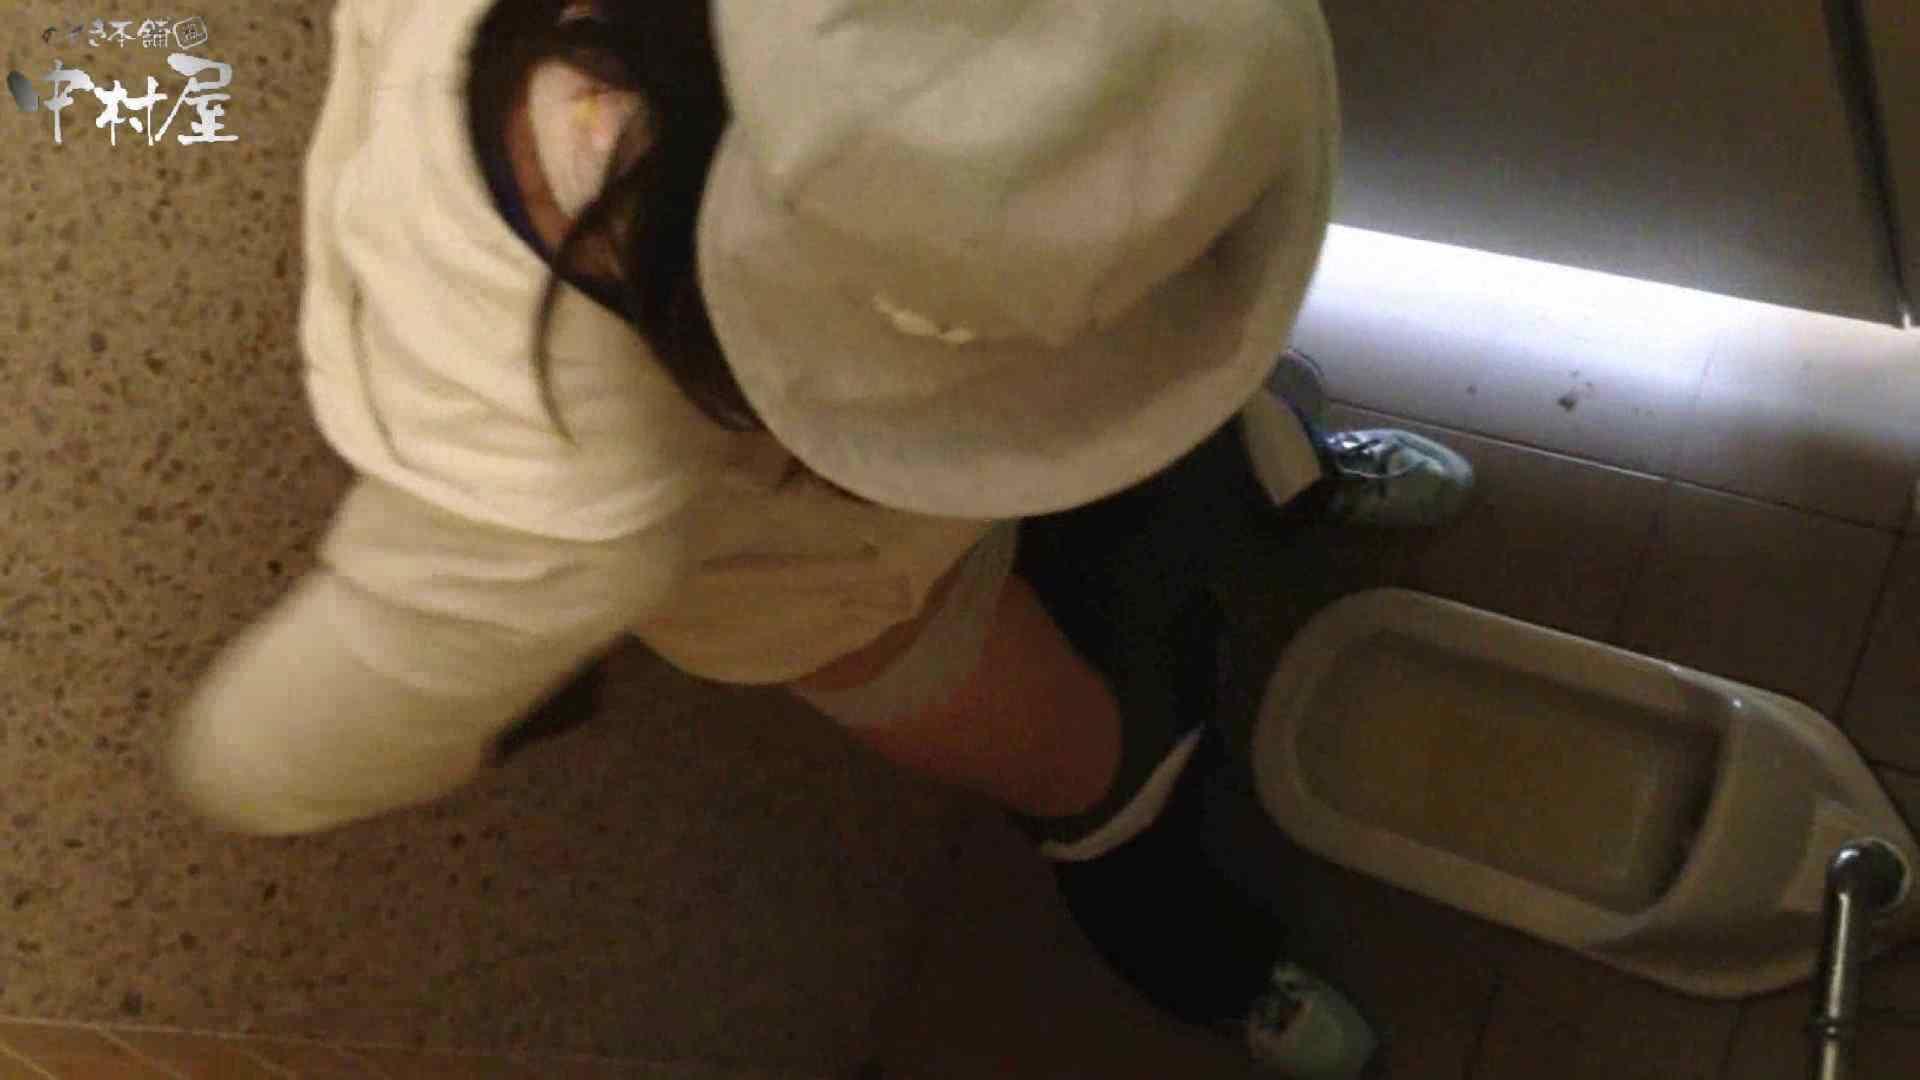 部活女子トイレ潜入編vol.5 美しいOLの裸体 のぞき動画画像 107pic 92